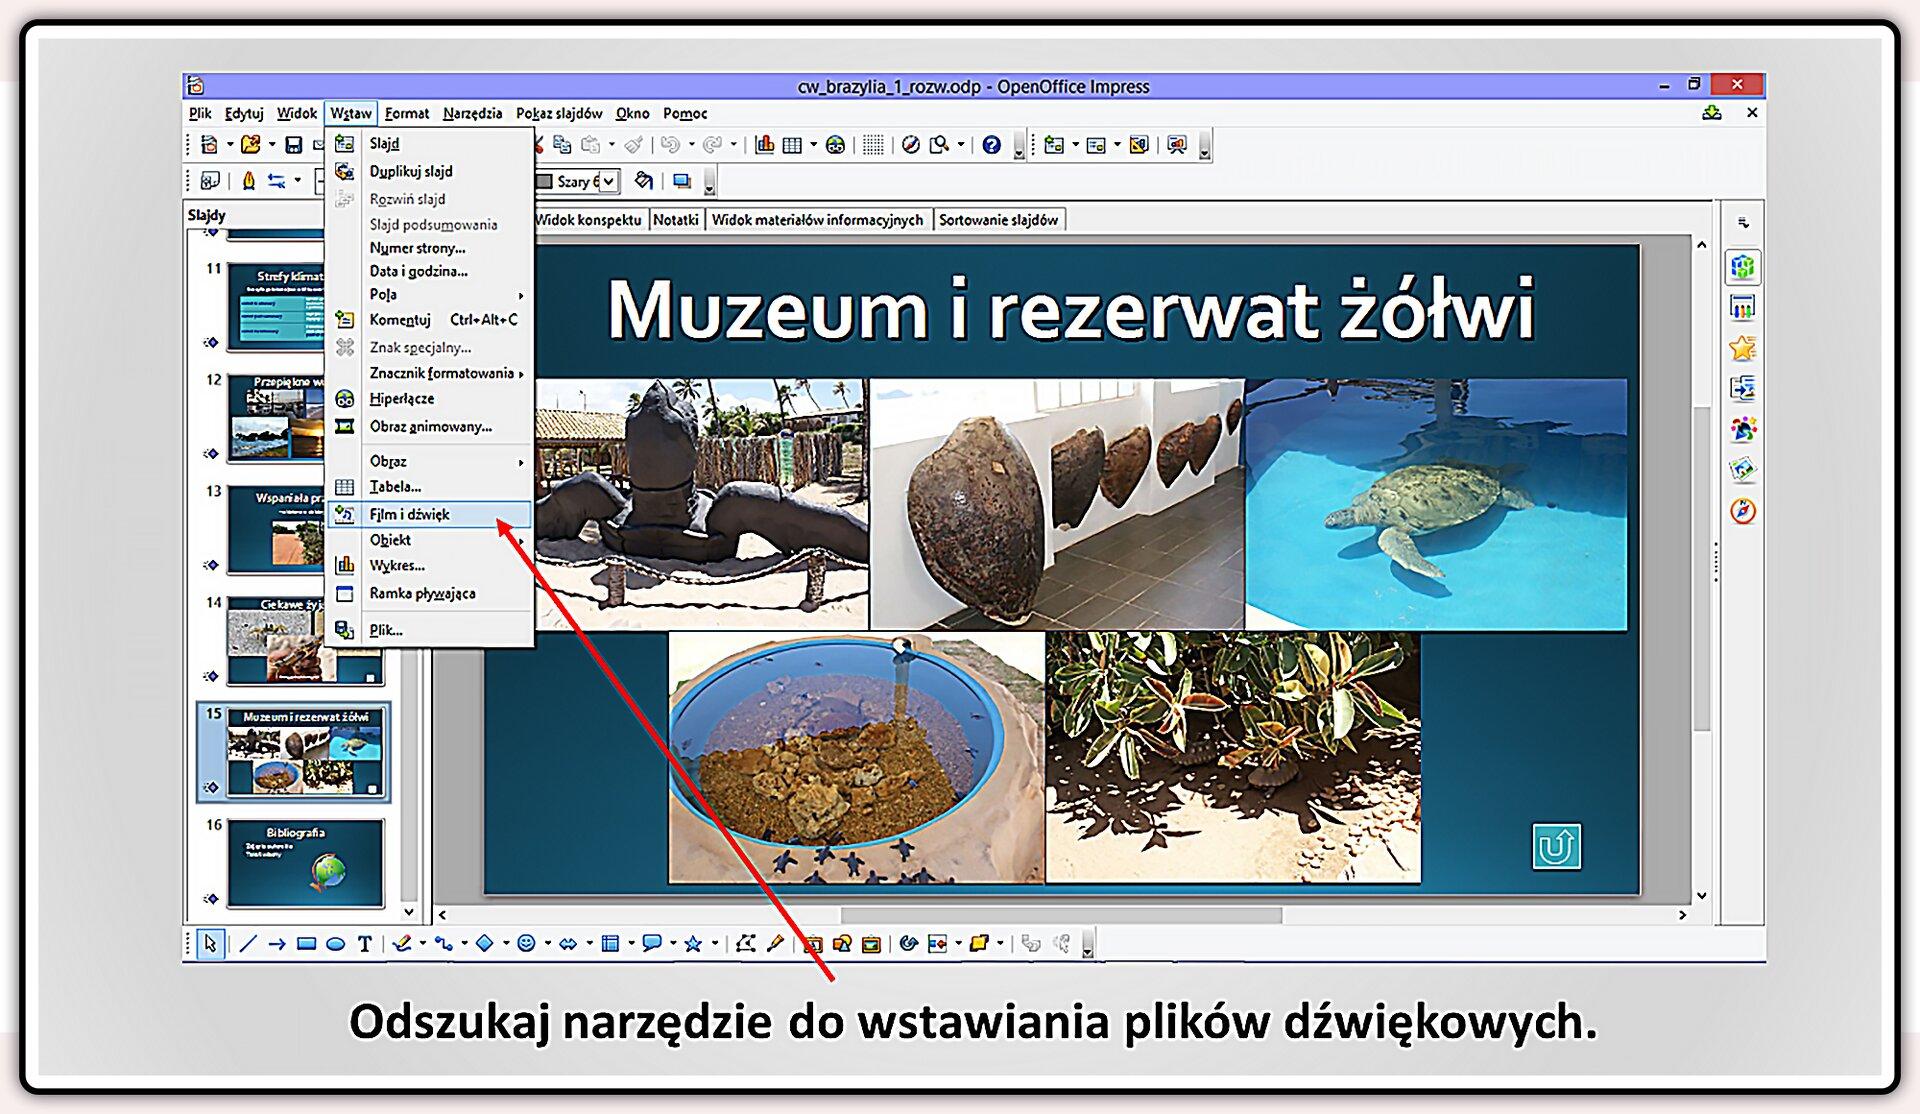 Slajd 4 galerii slajdów pokazu: Nagrywanie komentarza do prezentacji wprogramie LibreOffice Impress